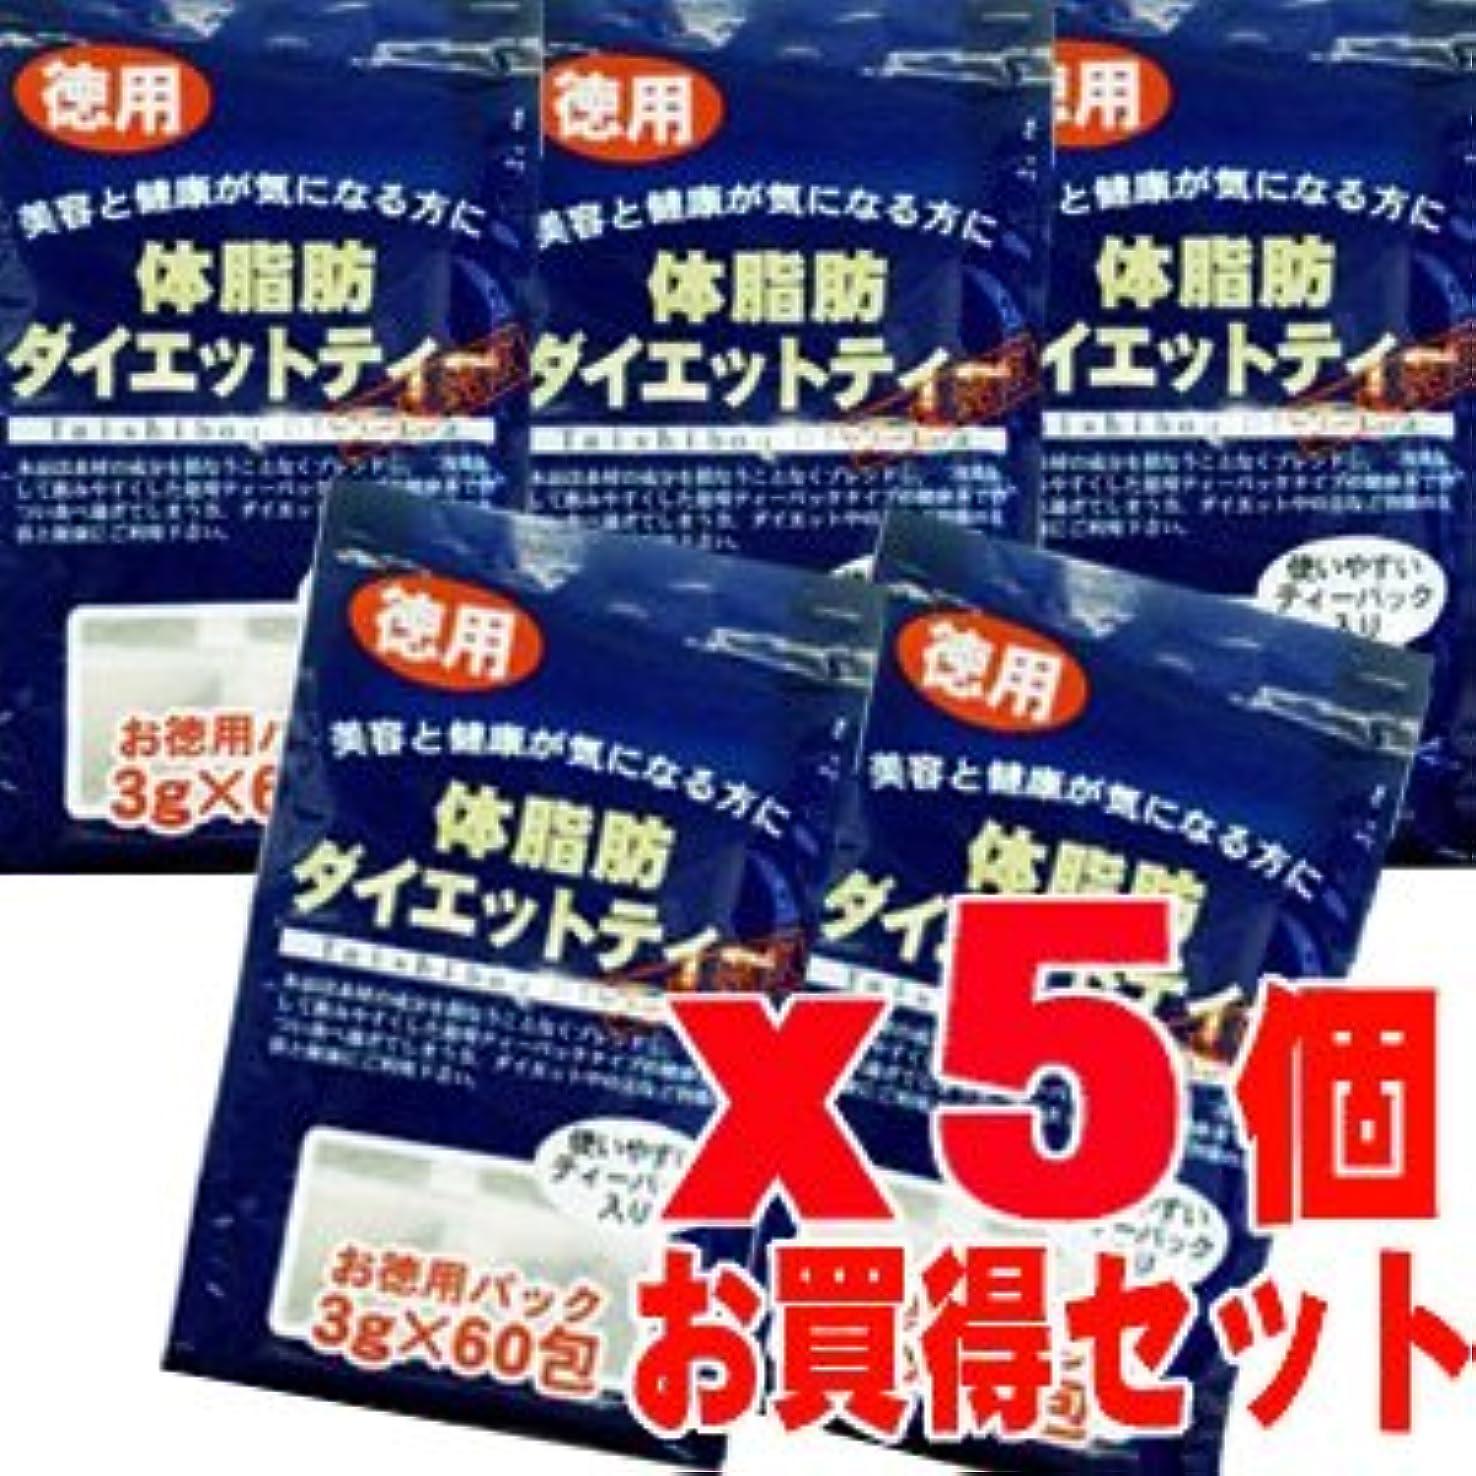 造船回る海外ユウキ製薬(株)徳用 体脂肪ダイエットティー5個セット